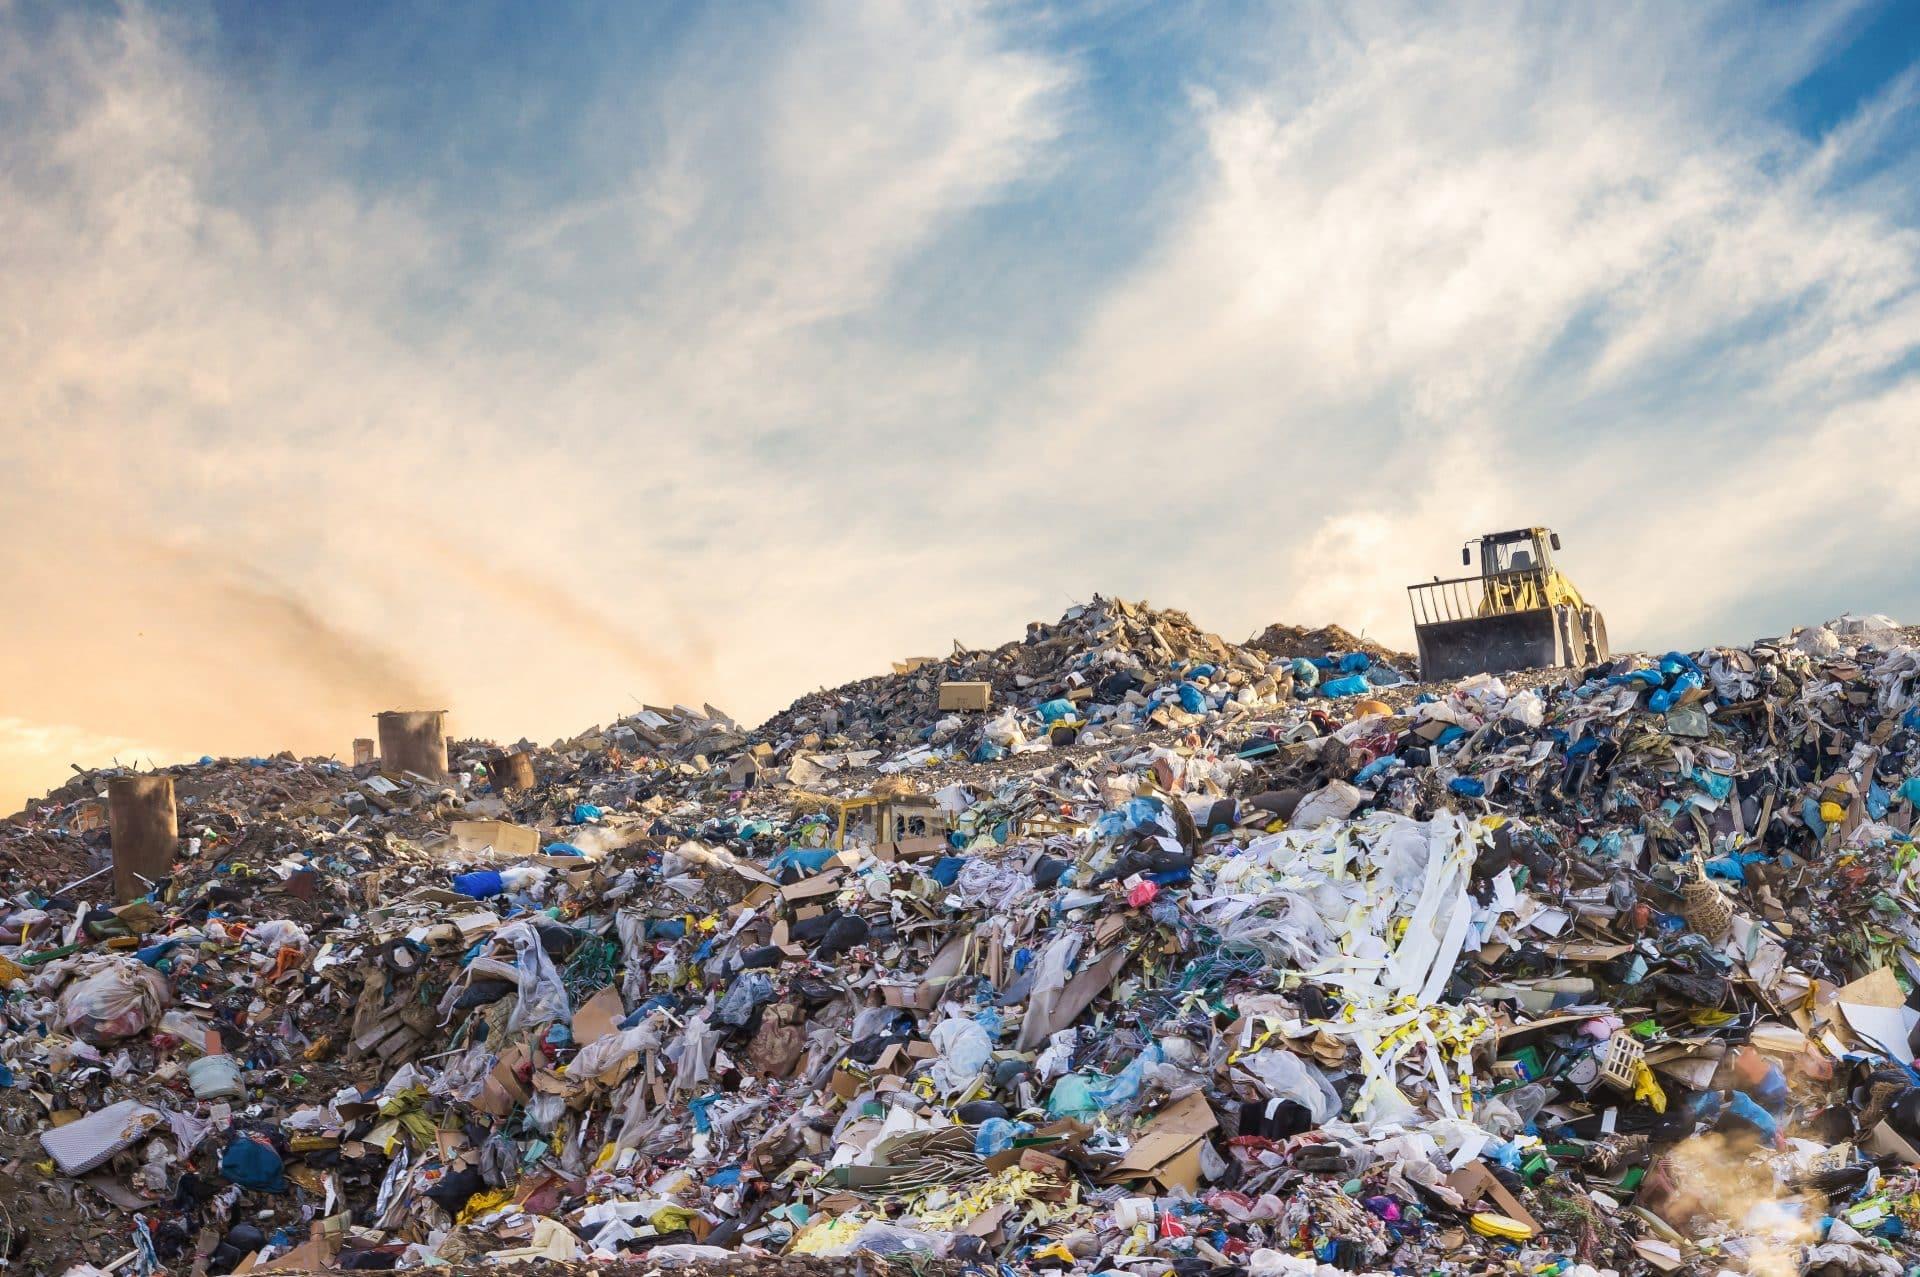 Последствия и пути решения проблемы загрязнения литосферы